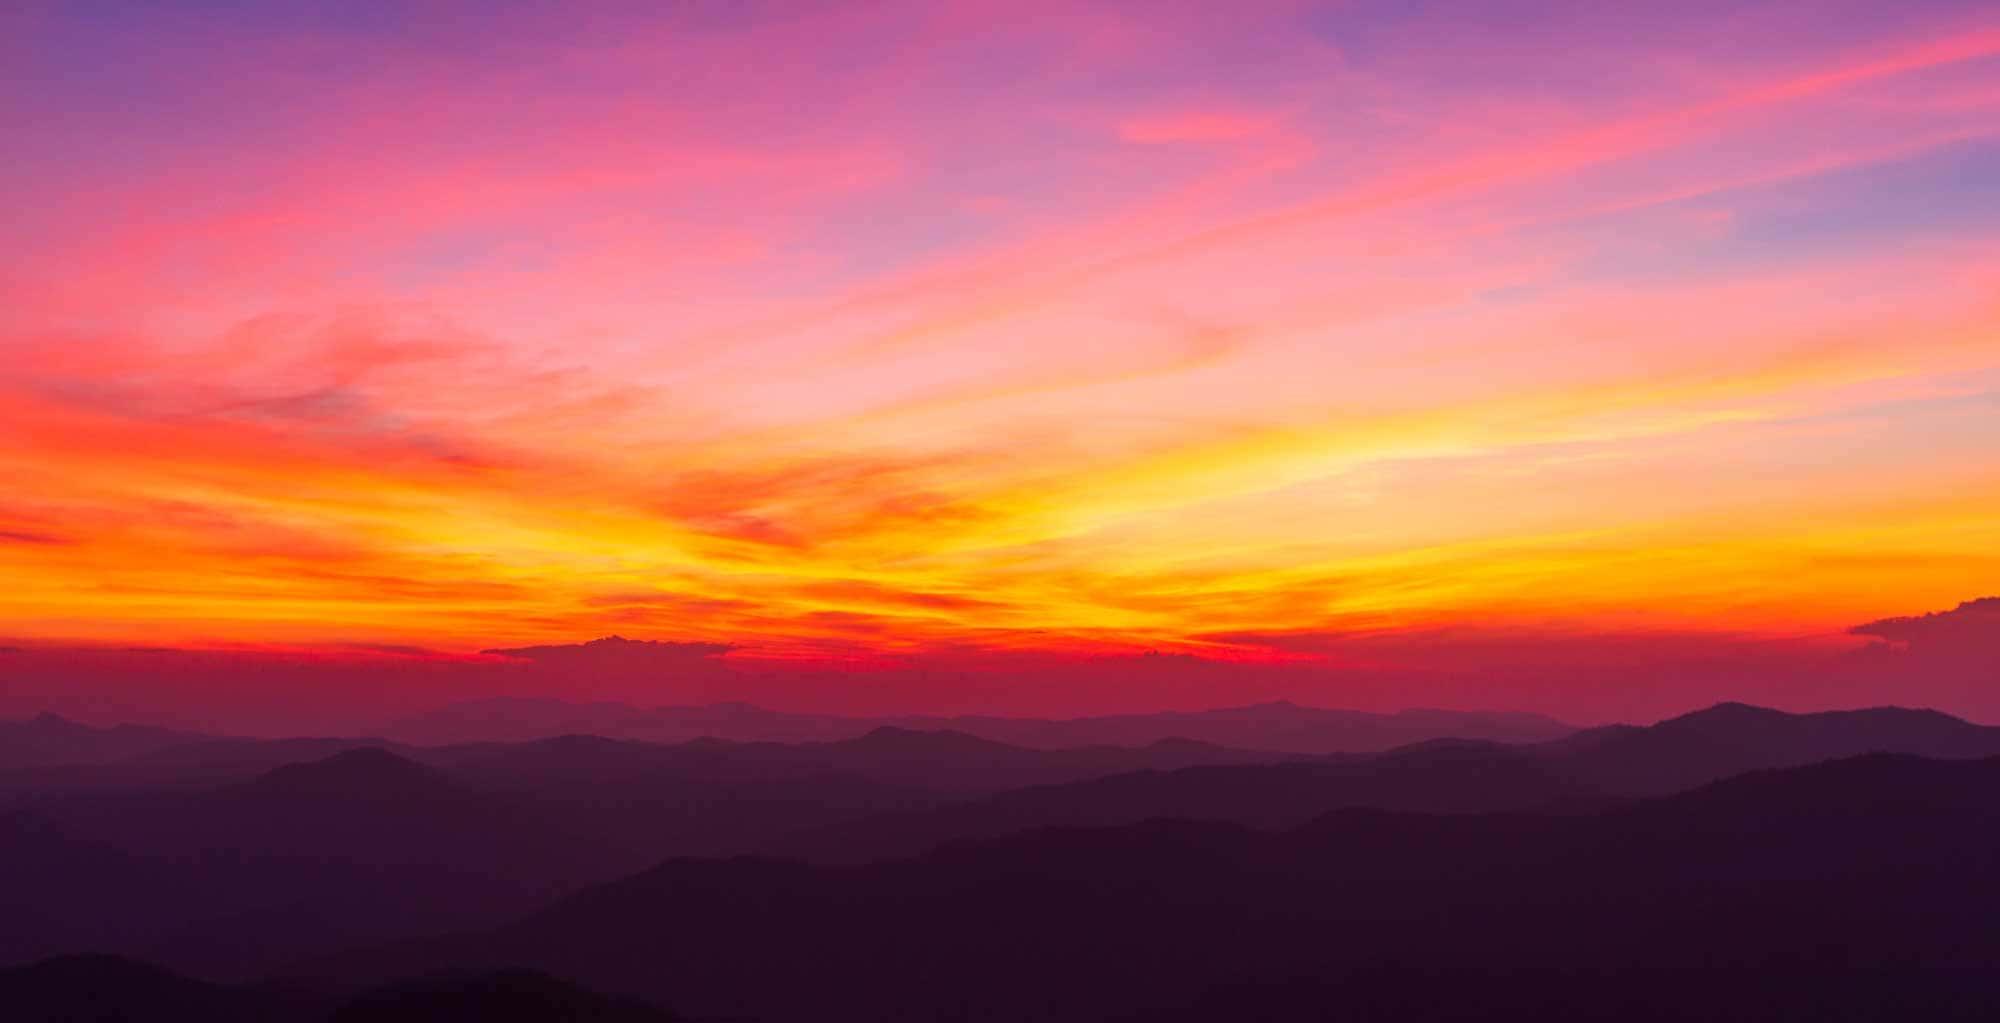 Ciel coloré et dramatique avec des nuages au coucher du soleil